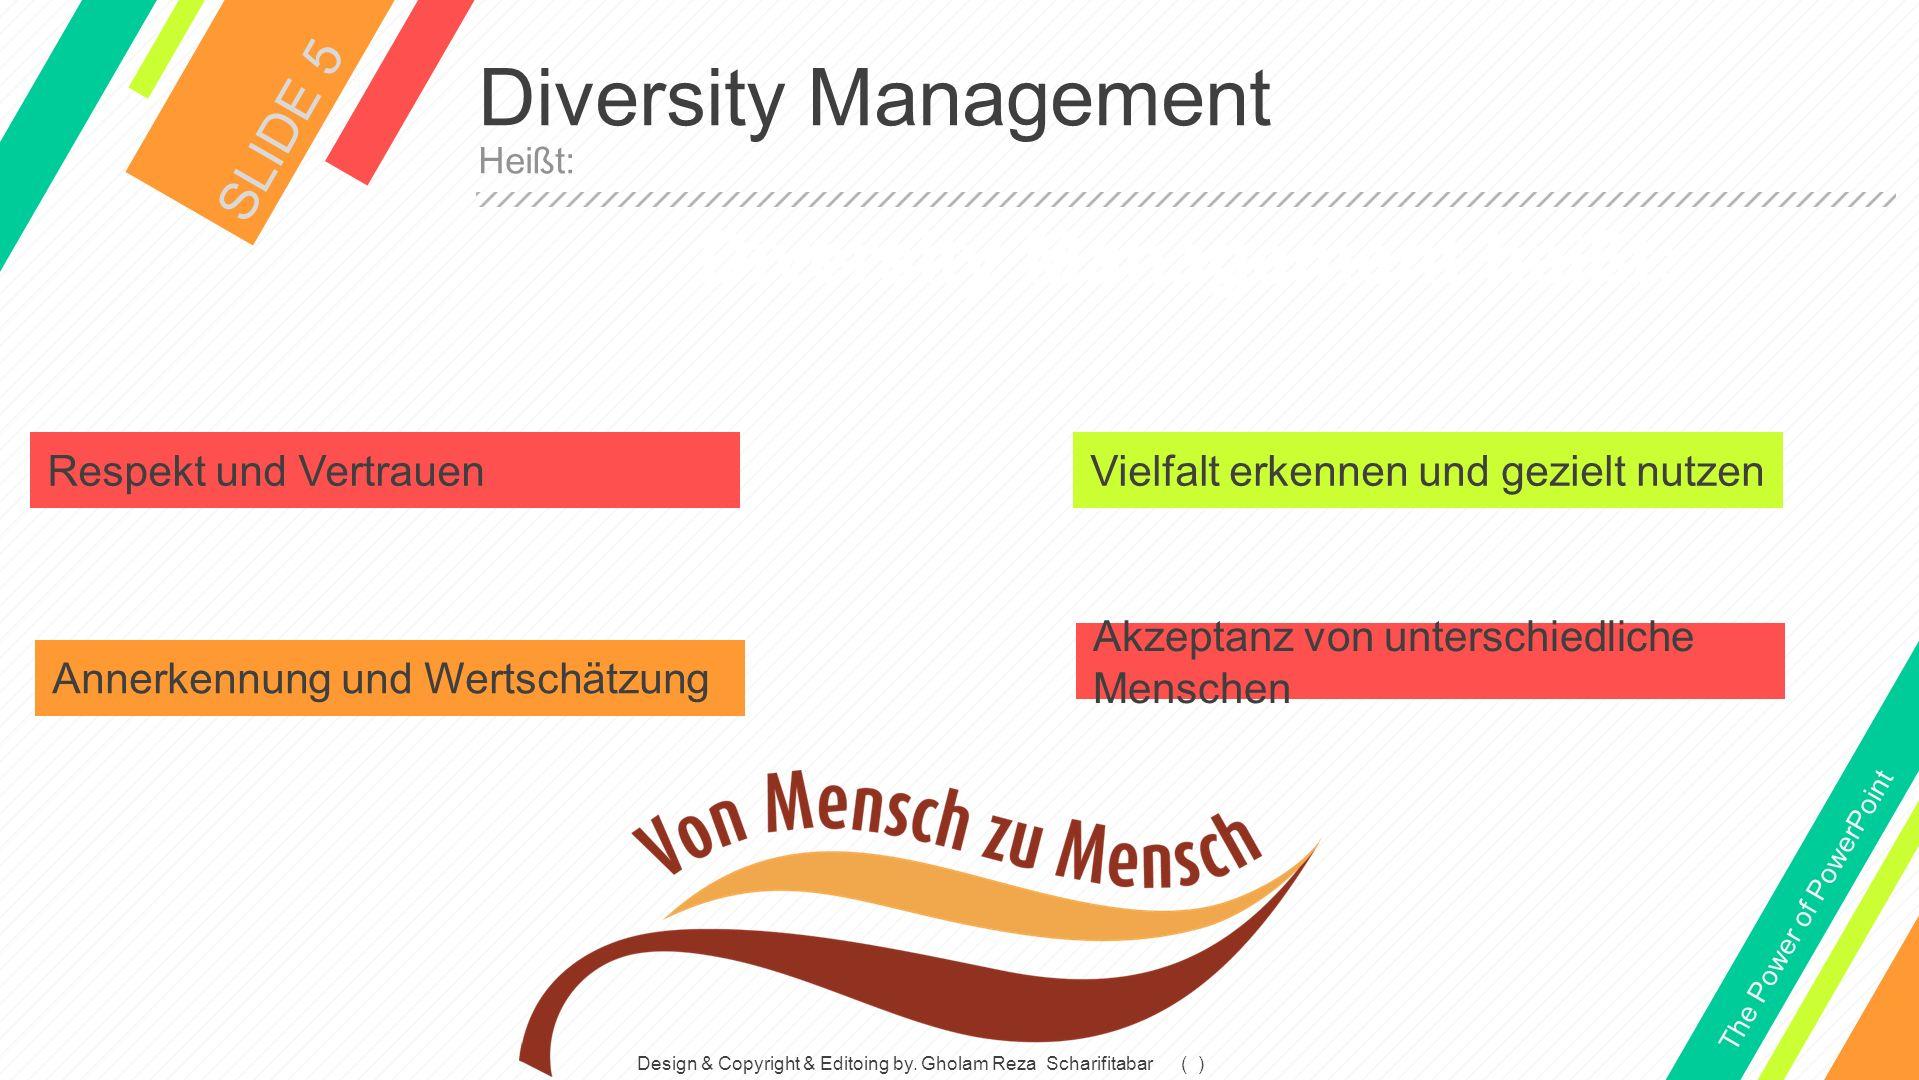 Diversity Management SLIDE 5 Heißt: The Power of PowerPoint Respekt und Vertrauen Annerkennung und Wertschätzung Vielfalt erkennen und gezielt nutzen Akzeptanz von unterschiedliche Menschen Diversity Management heißt: Design & Copyright & Editoing by.